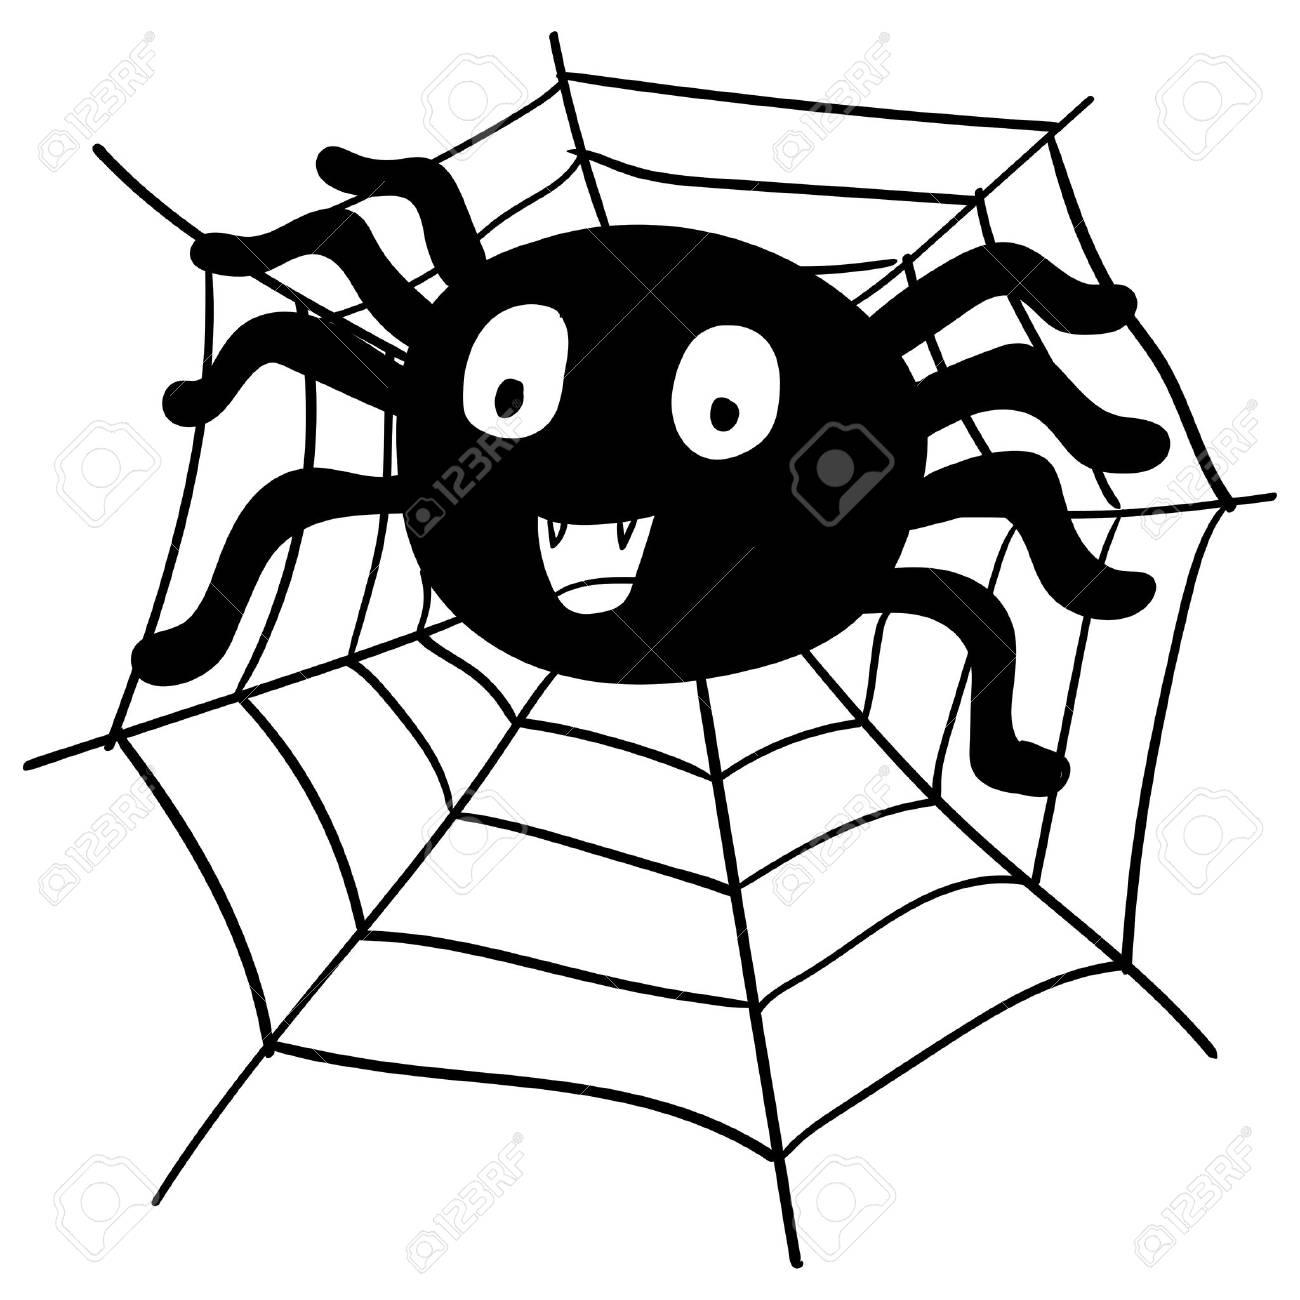 Main, Dessin Toile D'araignée Et Web Pour Le Concept De Halloween, Isolé  Sur Fond Blanc Vector Illustration destiné Toile D Araignée Dessin